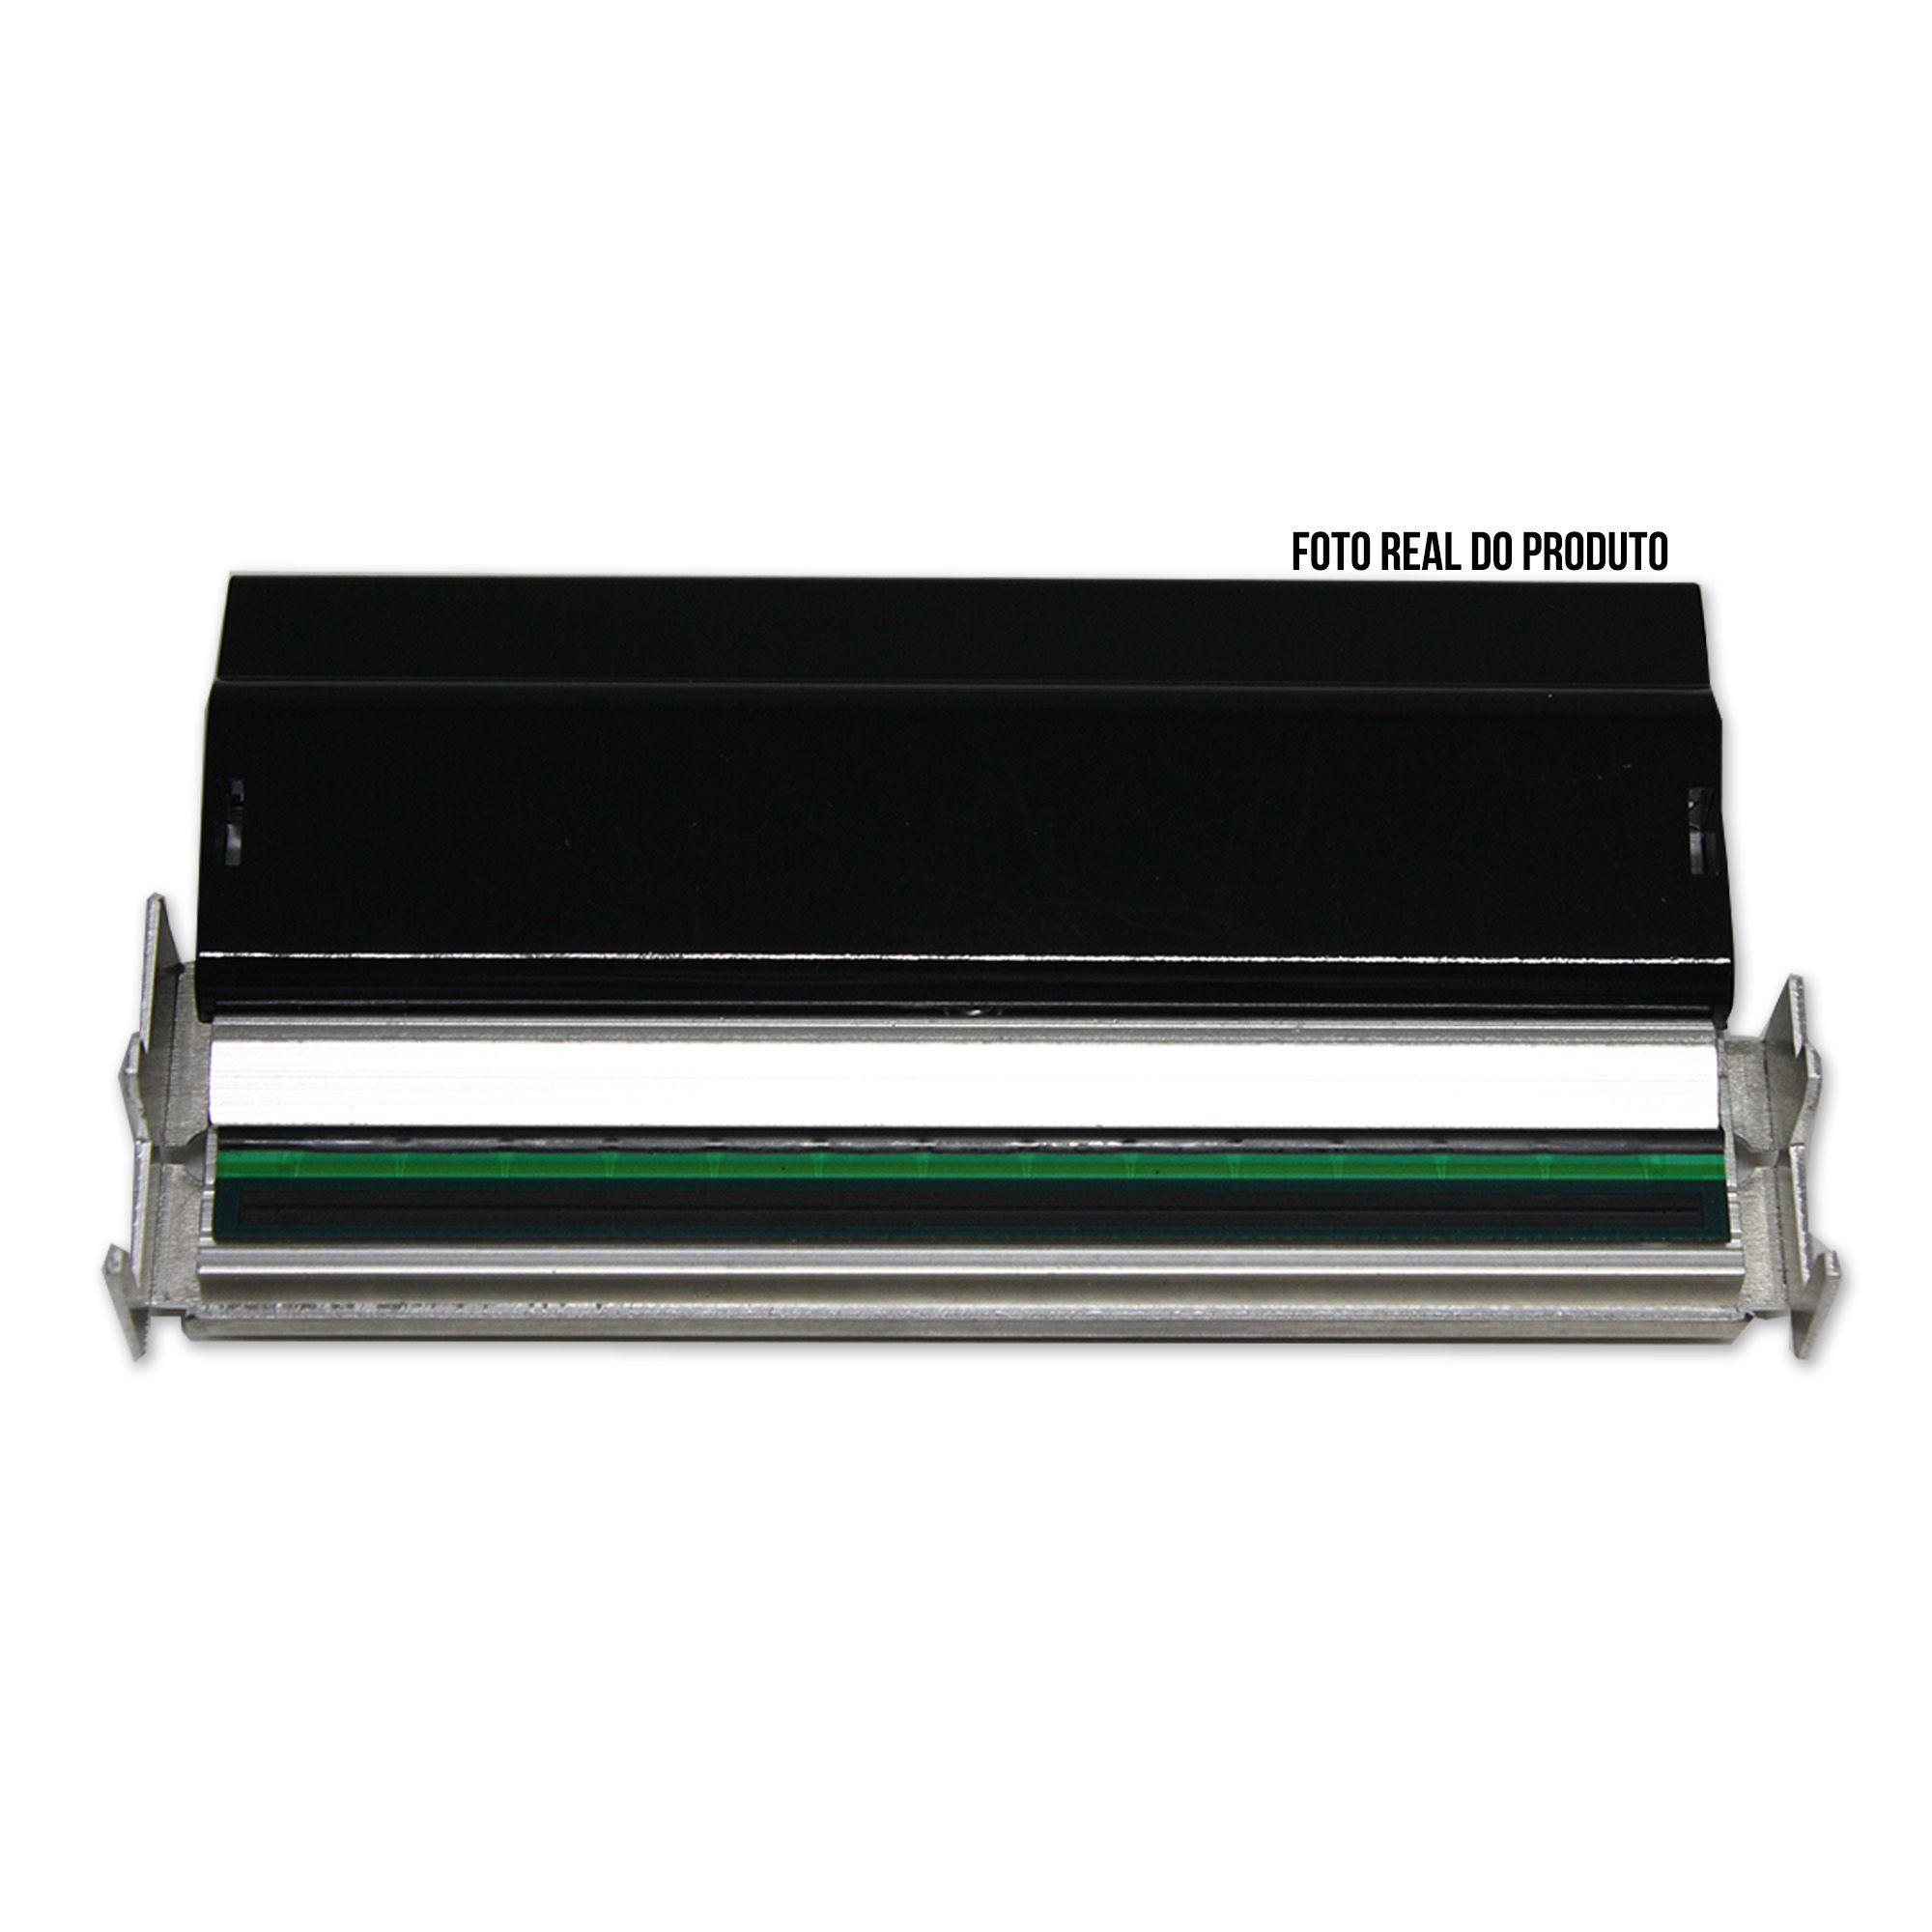 Cabeça de Impressão Zebra S4M 203 dpi P/N G41400M